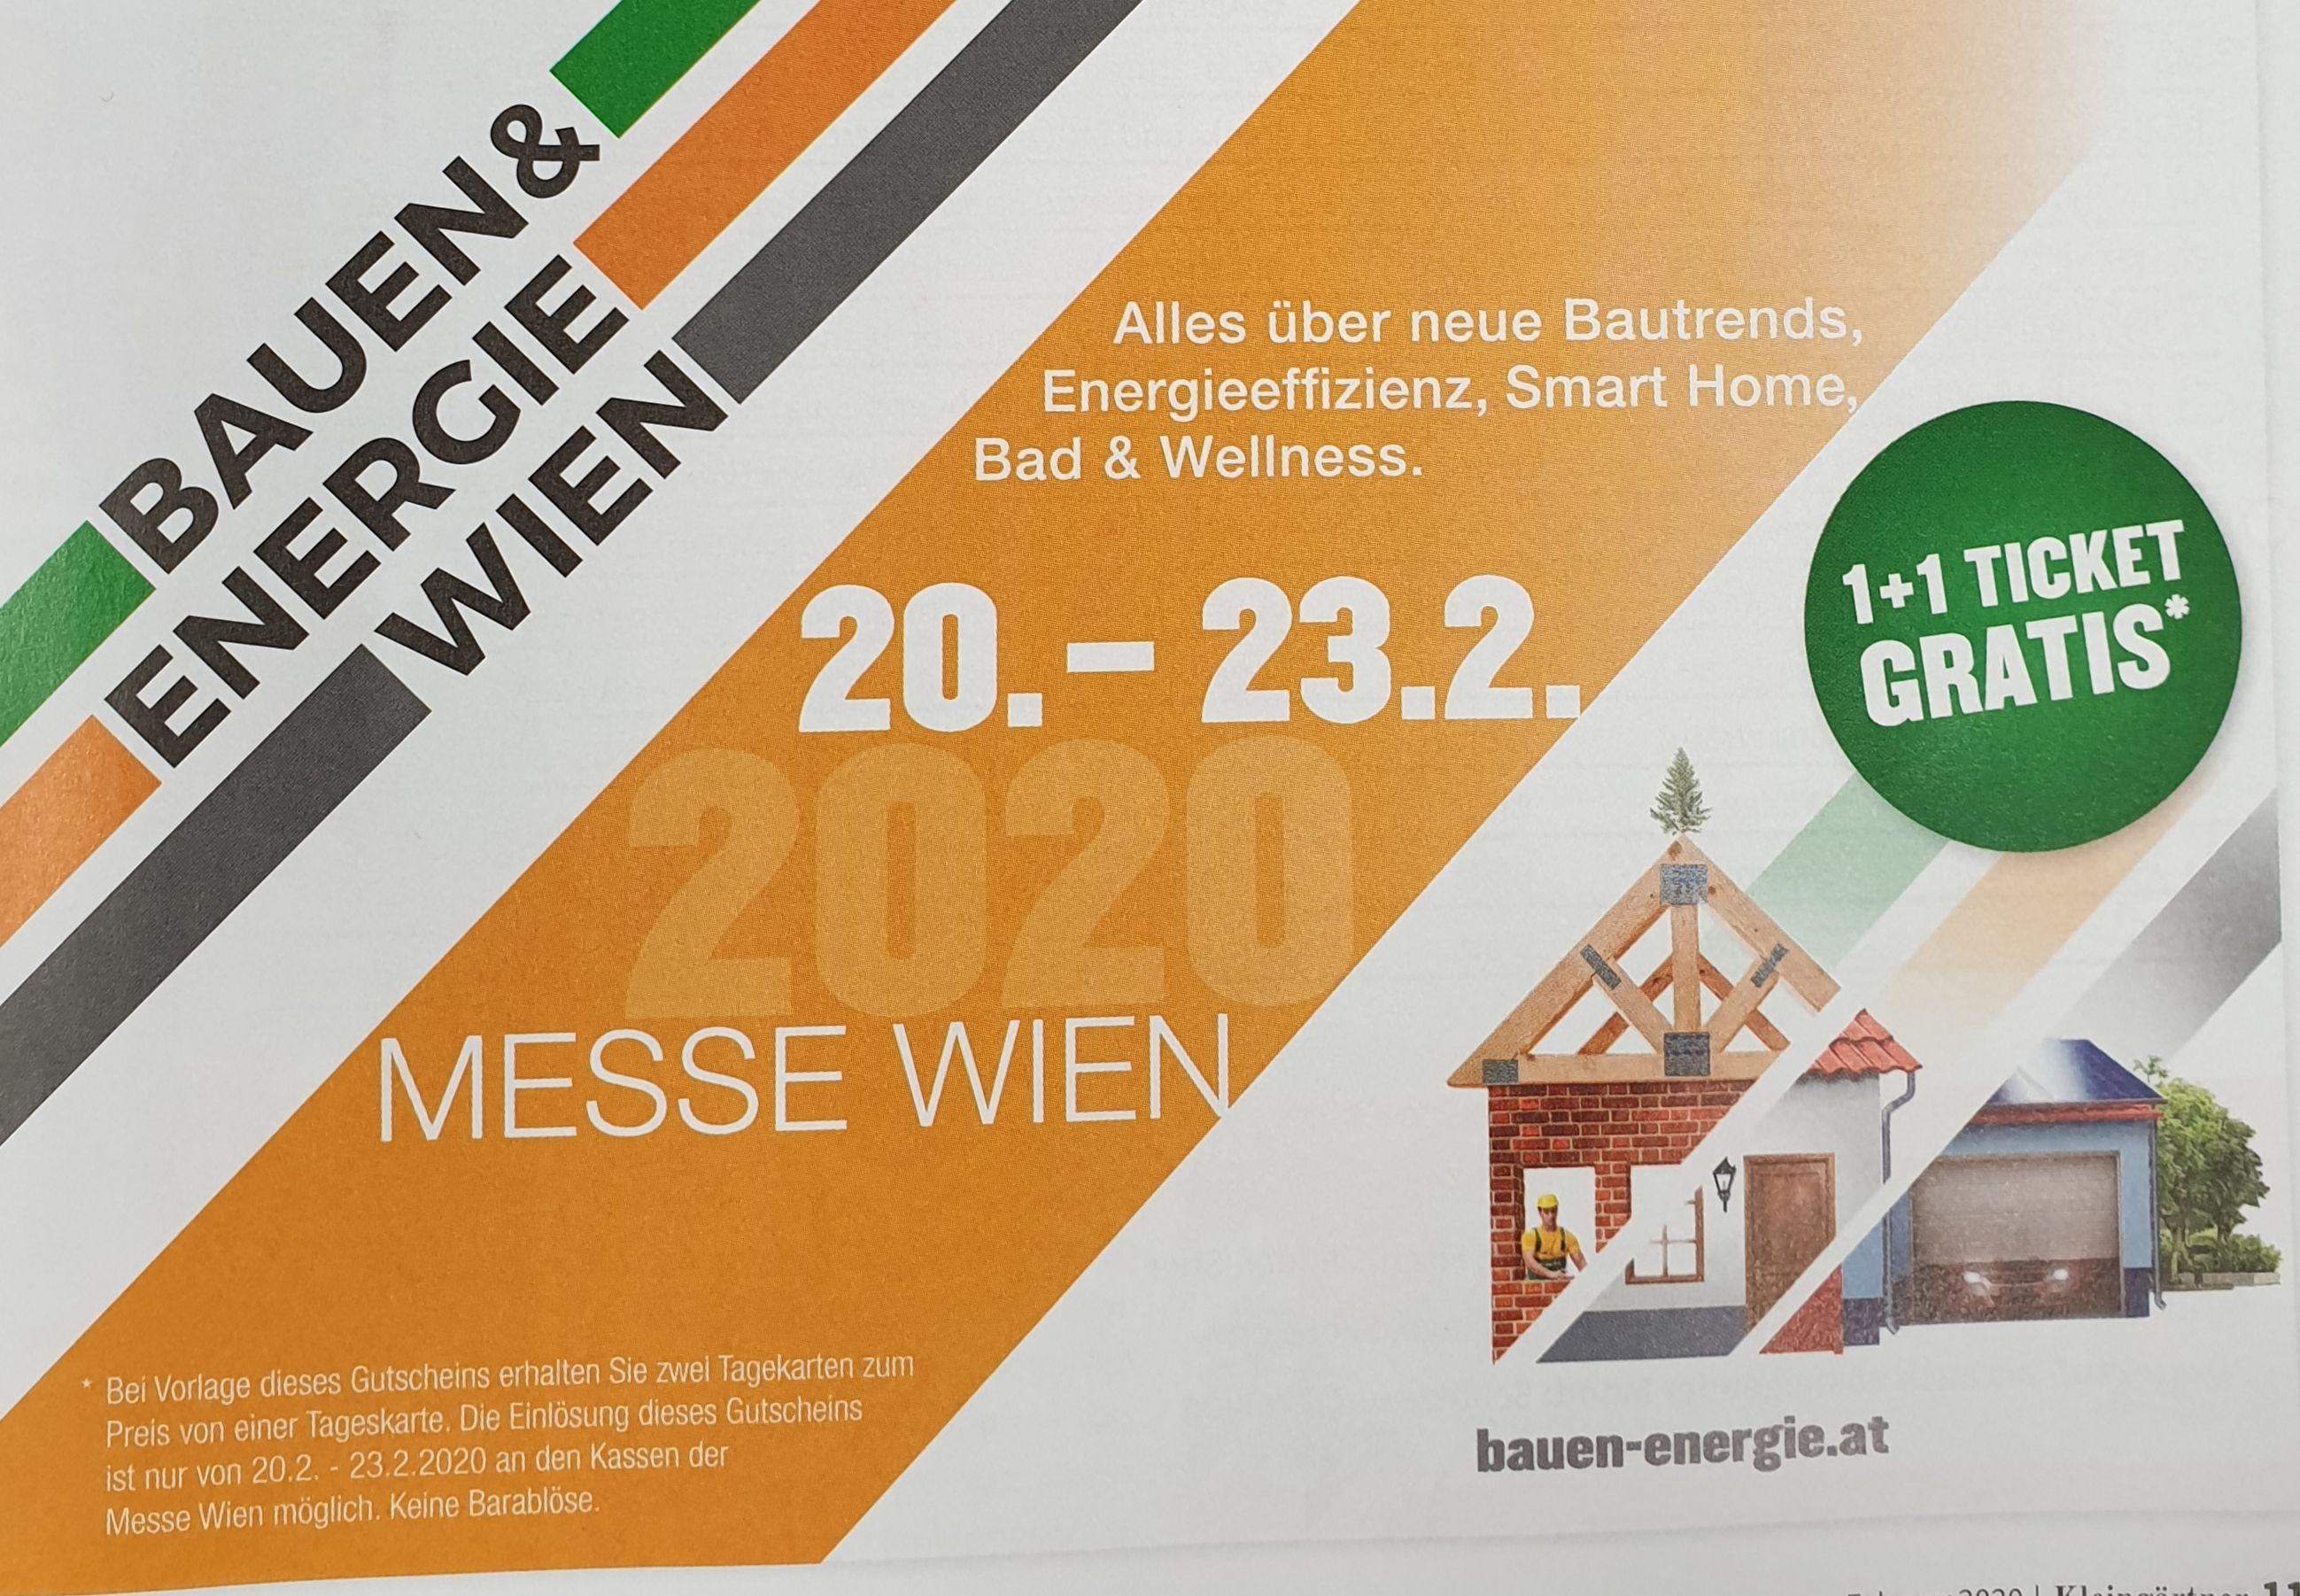 Bauen & Energie Wien Messe, 2 Tagestickets zum Preis von Einem